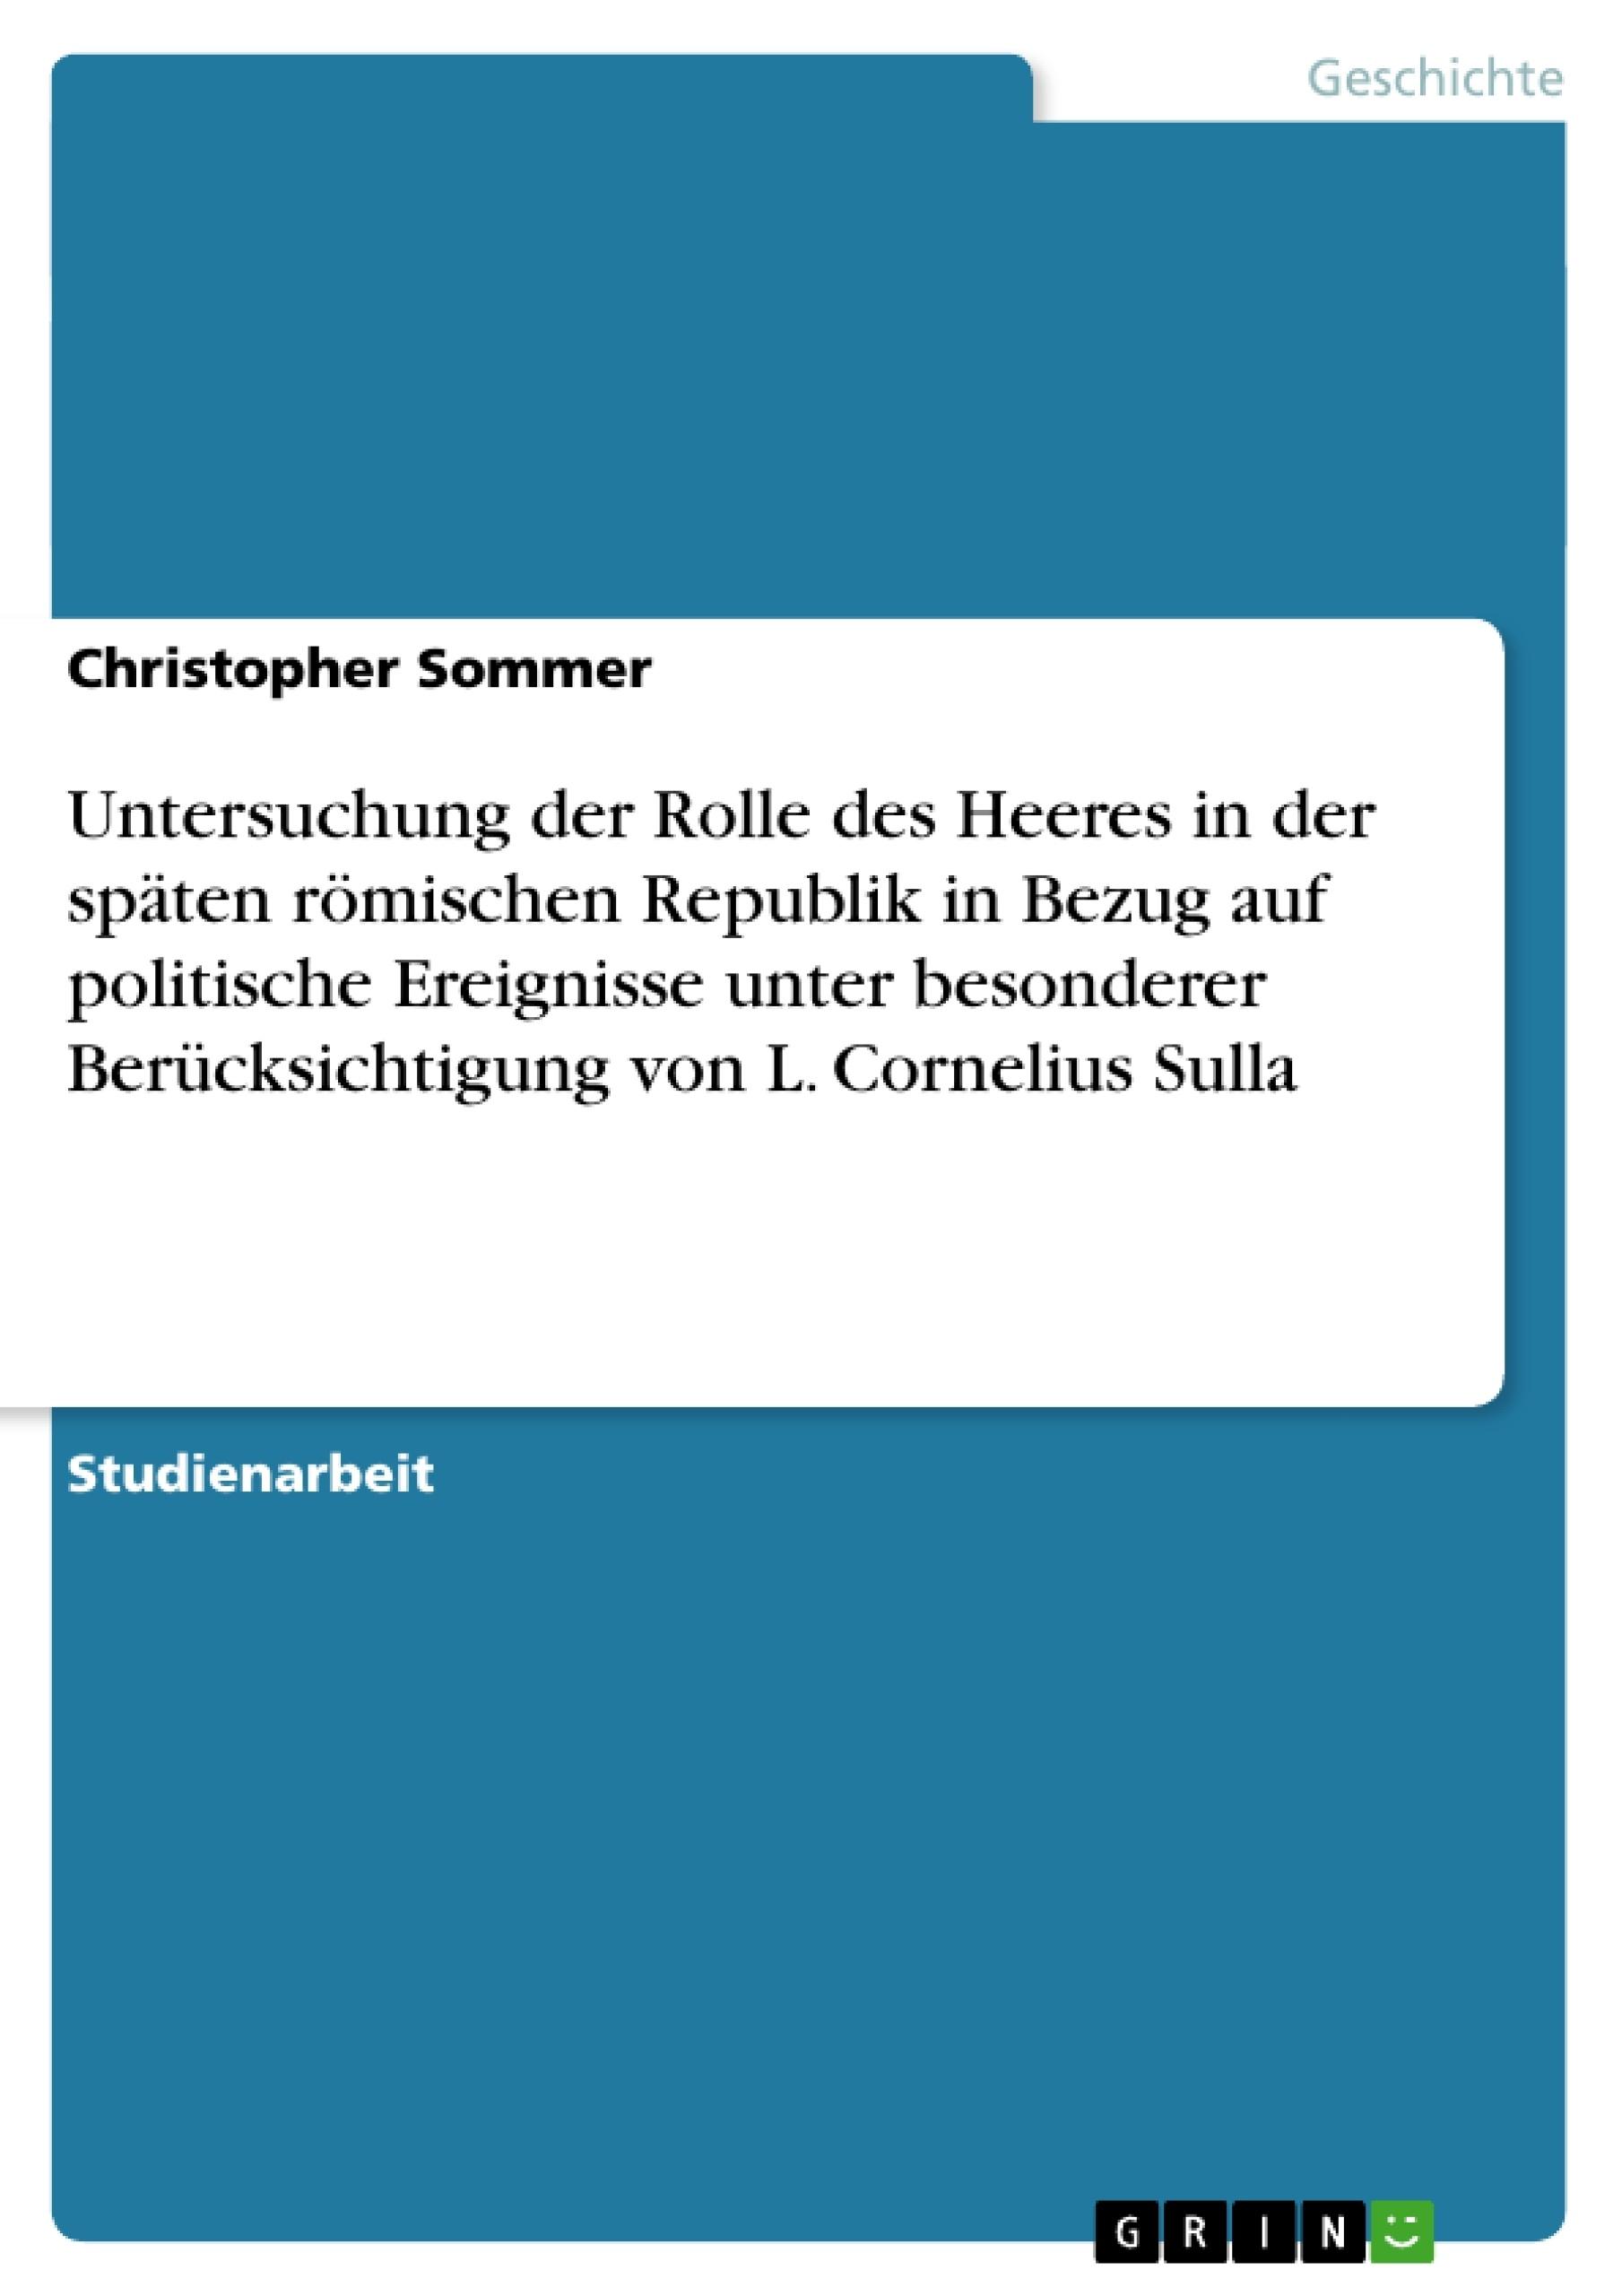 Titel: Untersuchung der Rolle des Heeres in der späten römischen Republik in Bezug auf politische Ereignisse unter besonderer Berücksichtigung  von L. Cornelius Sulla